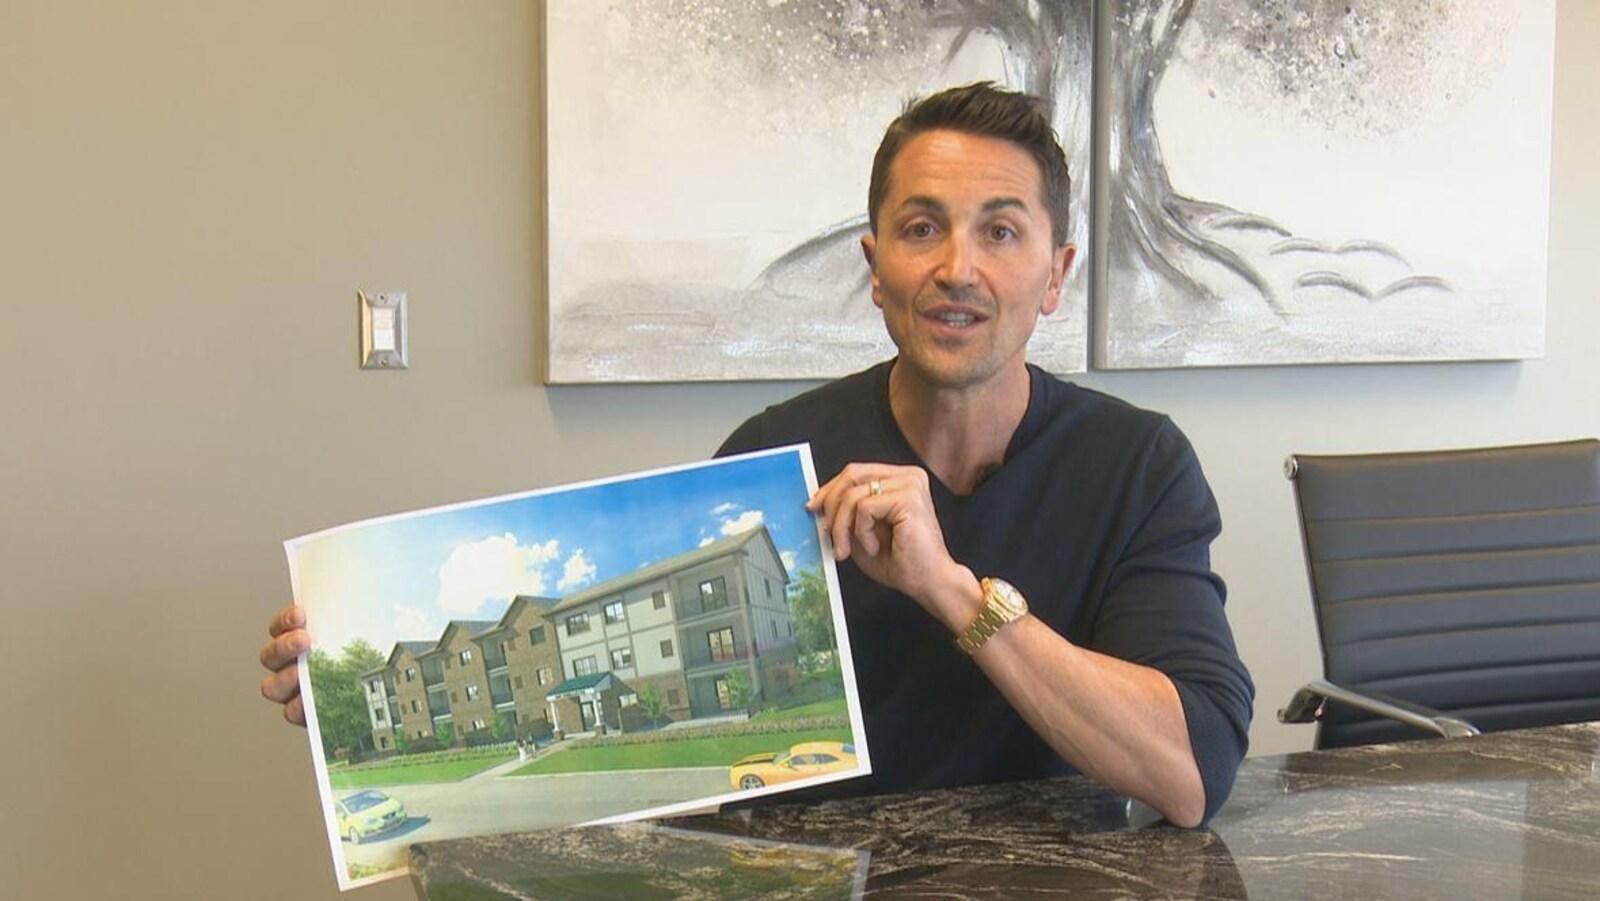 Un homme assis derrière une table présente le plan d'un édifice.